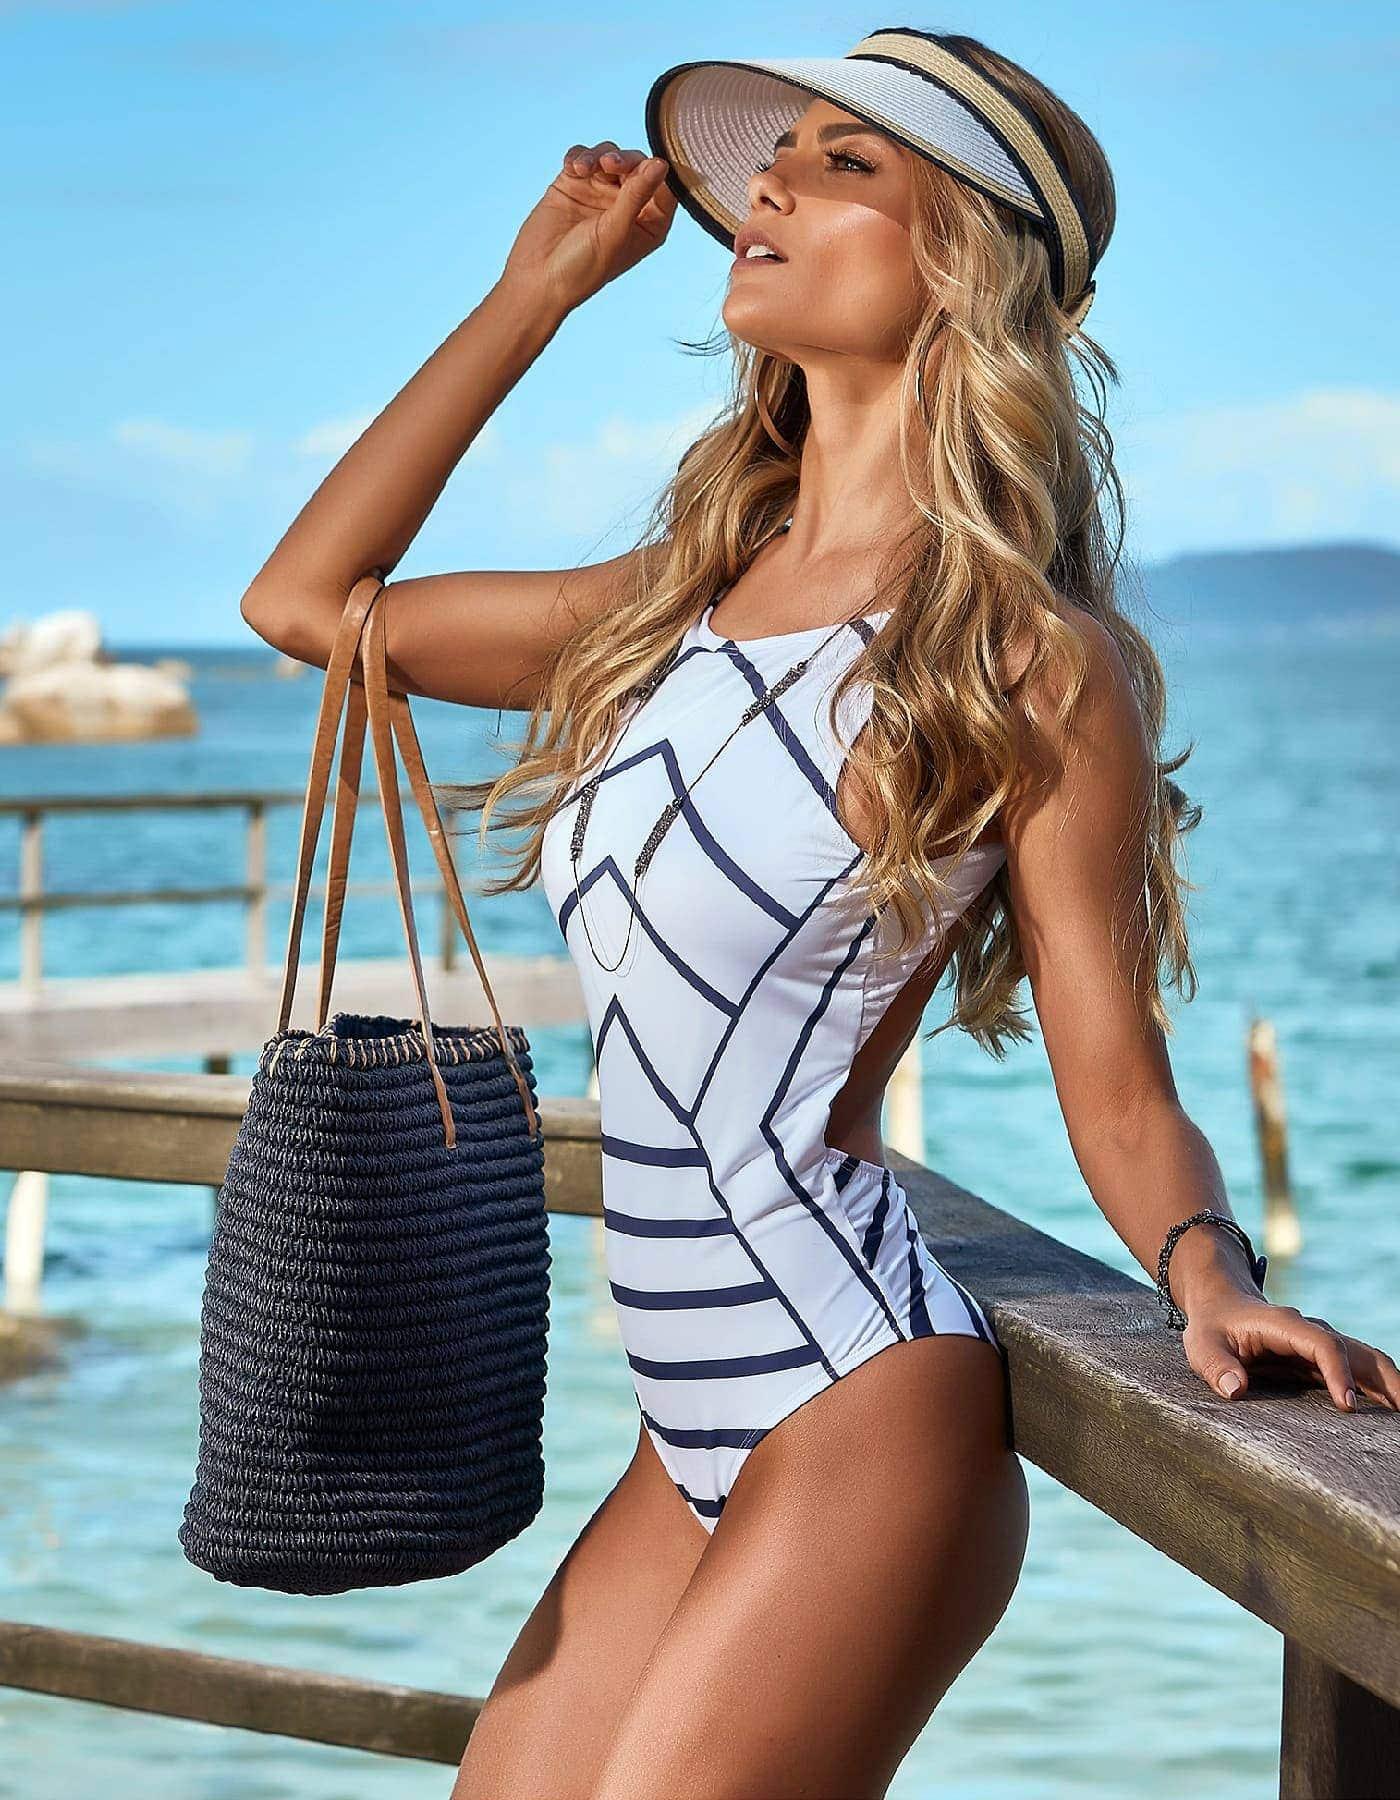 Bañador blanco con rayas azul marino y cierre dorado en cuello | Manly B